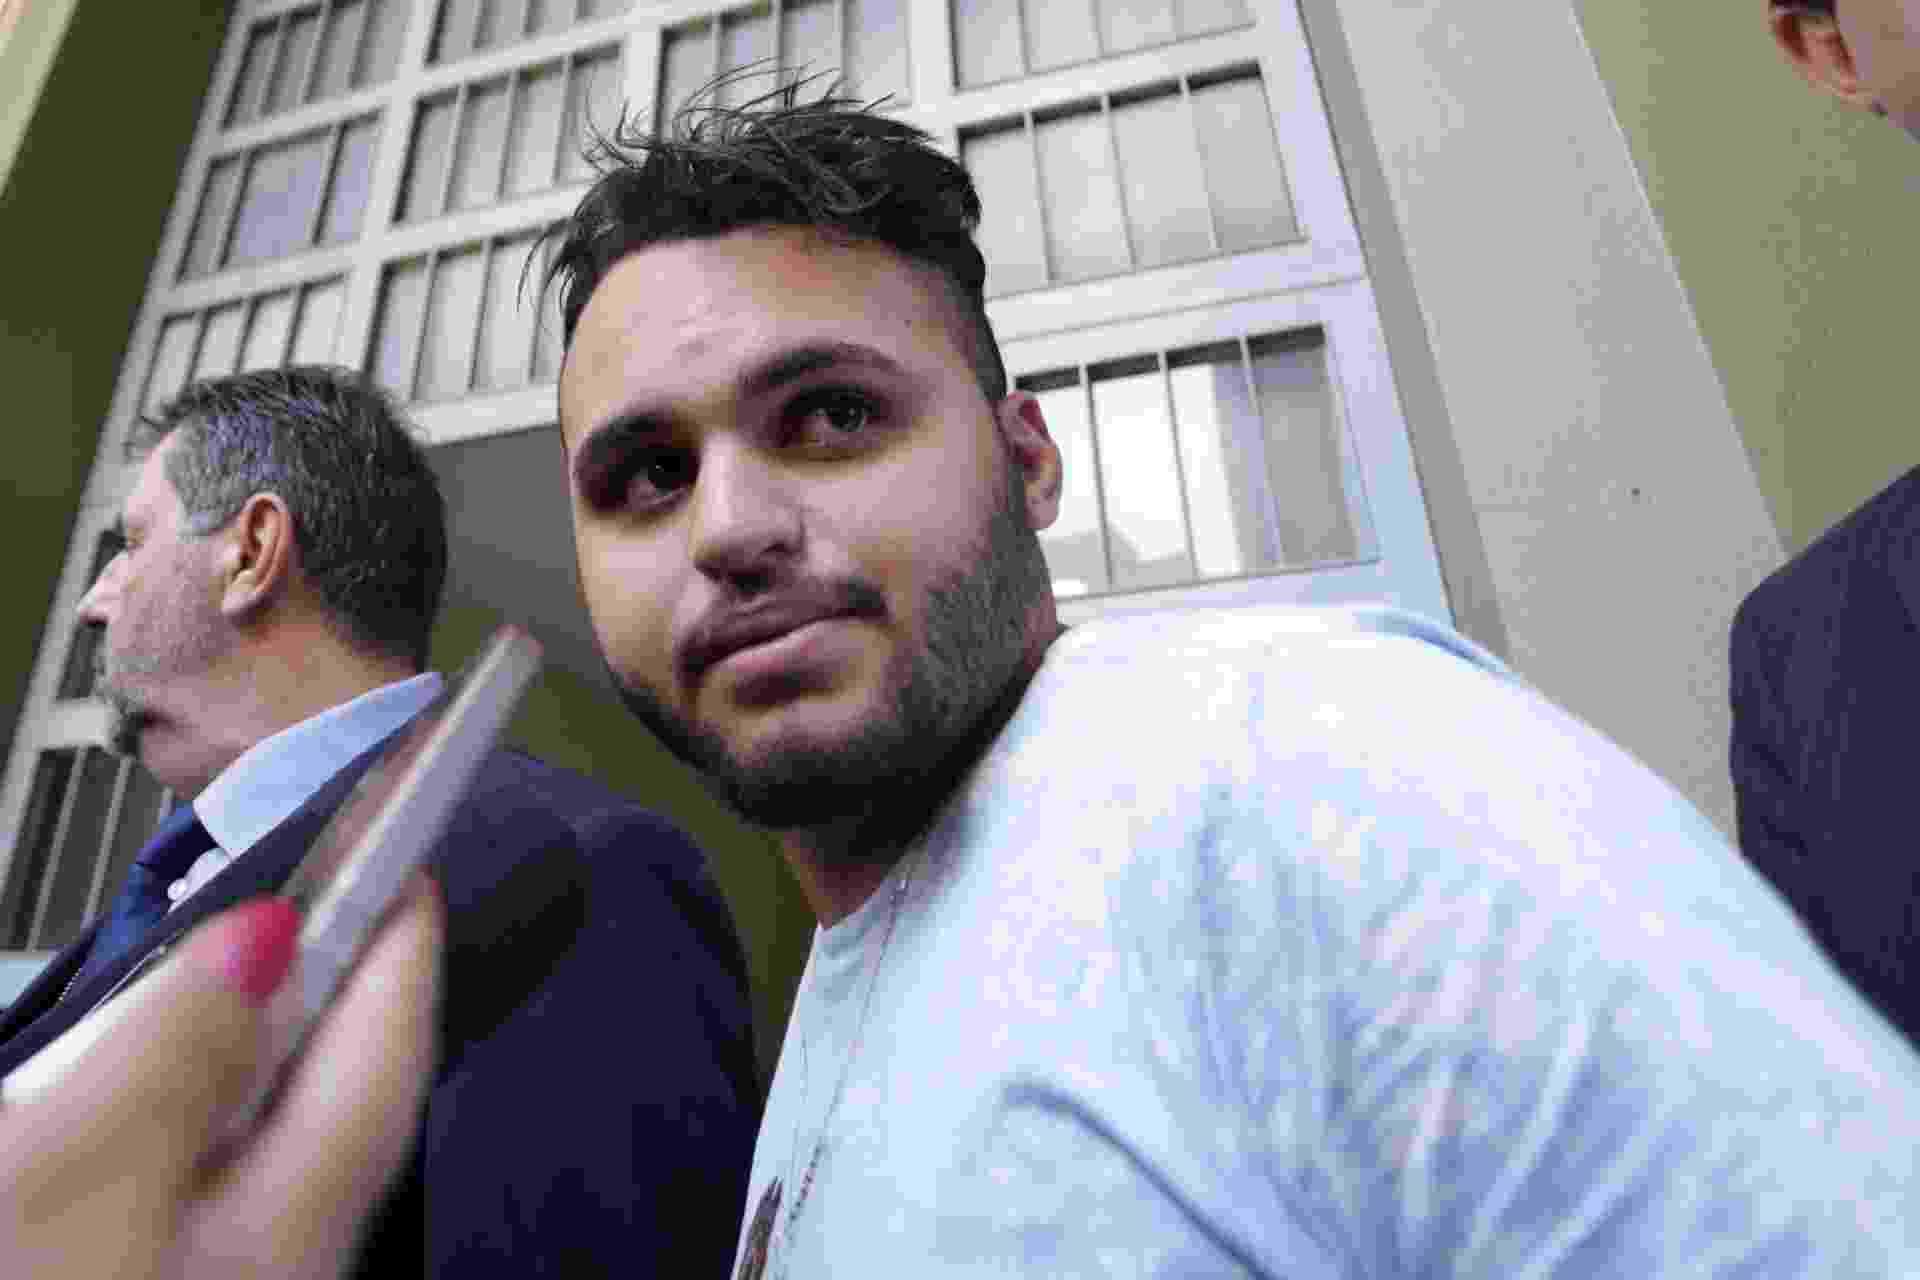 """28.dez.2016 - A Polícia Civil prendeu na noite de terça-feira (27) Ricardo do Nascimento Martins, 21, um dos suspeitos do espancamento que causou a morte do ambulante Luiz Carlos Ruas na estação Pedro 2º do Metrô paulista. Ele disse que foi agredido por Ruas, que está """"arrependido"""" e que não é """"uma má pessoa"""" - Newton Menezes/Futura Press/Estadão Conteúdo"""